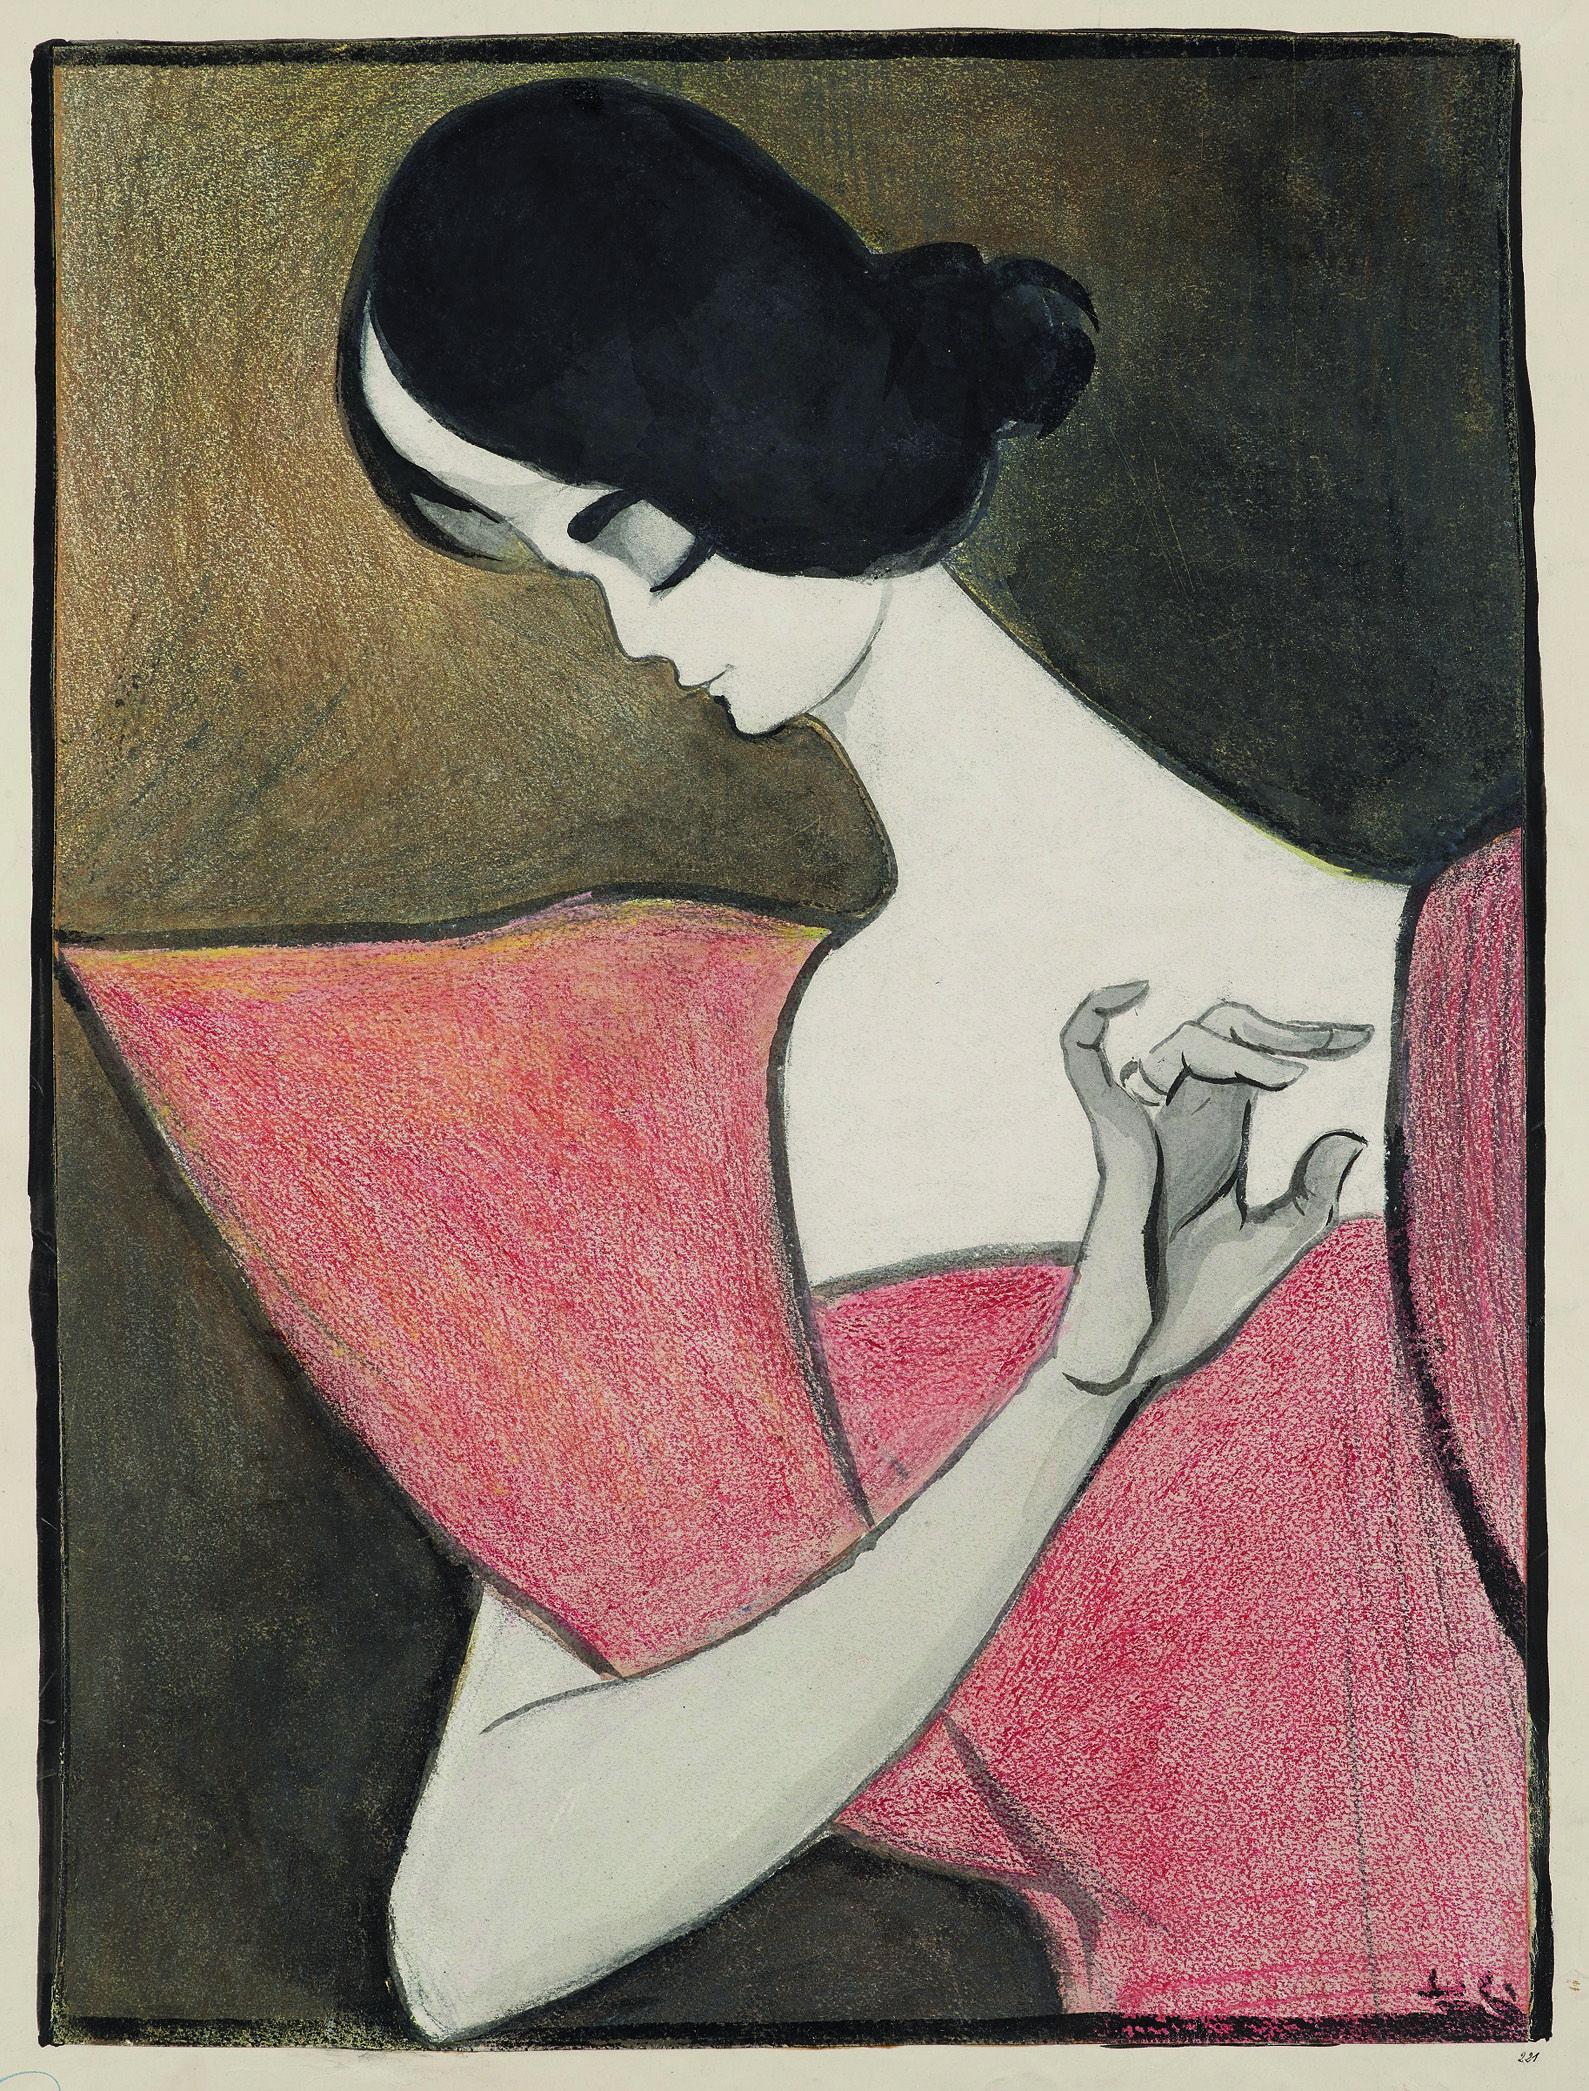 Tomás Júlio Leal da Câmara (1876-1948), Cléo de Mérode. Colored pencil. Watercolor and Chinese ink. Mathieu Néouze at the Salon du dessin 2015, 25 - 30 March.